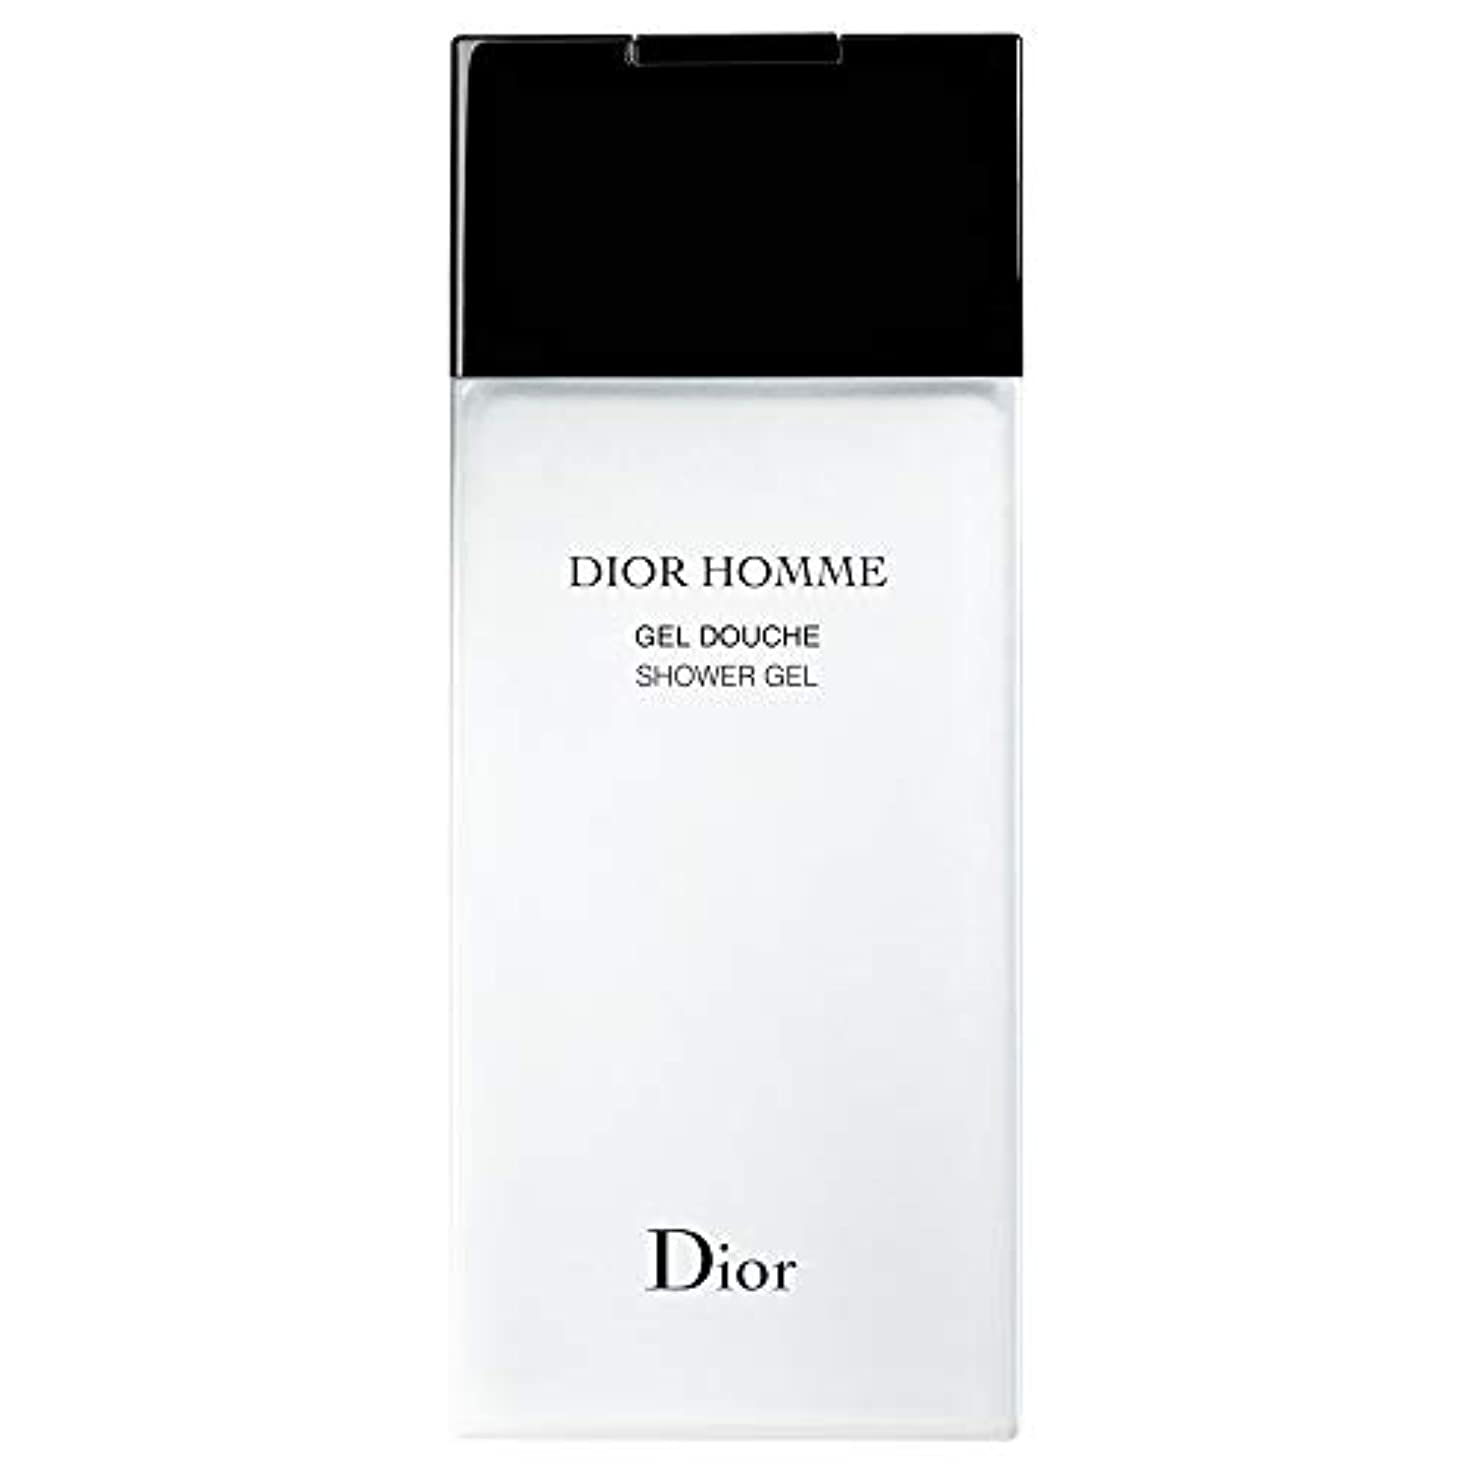 説教する精通した生きている[Dior] ディオールオムシャワージェル200Ml - Dior Homme Shower Gel 200ml [並行輸入品]